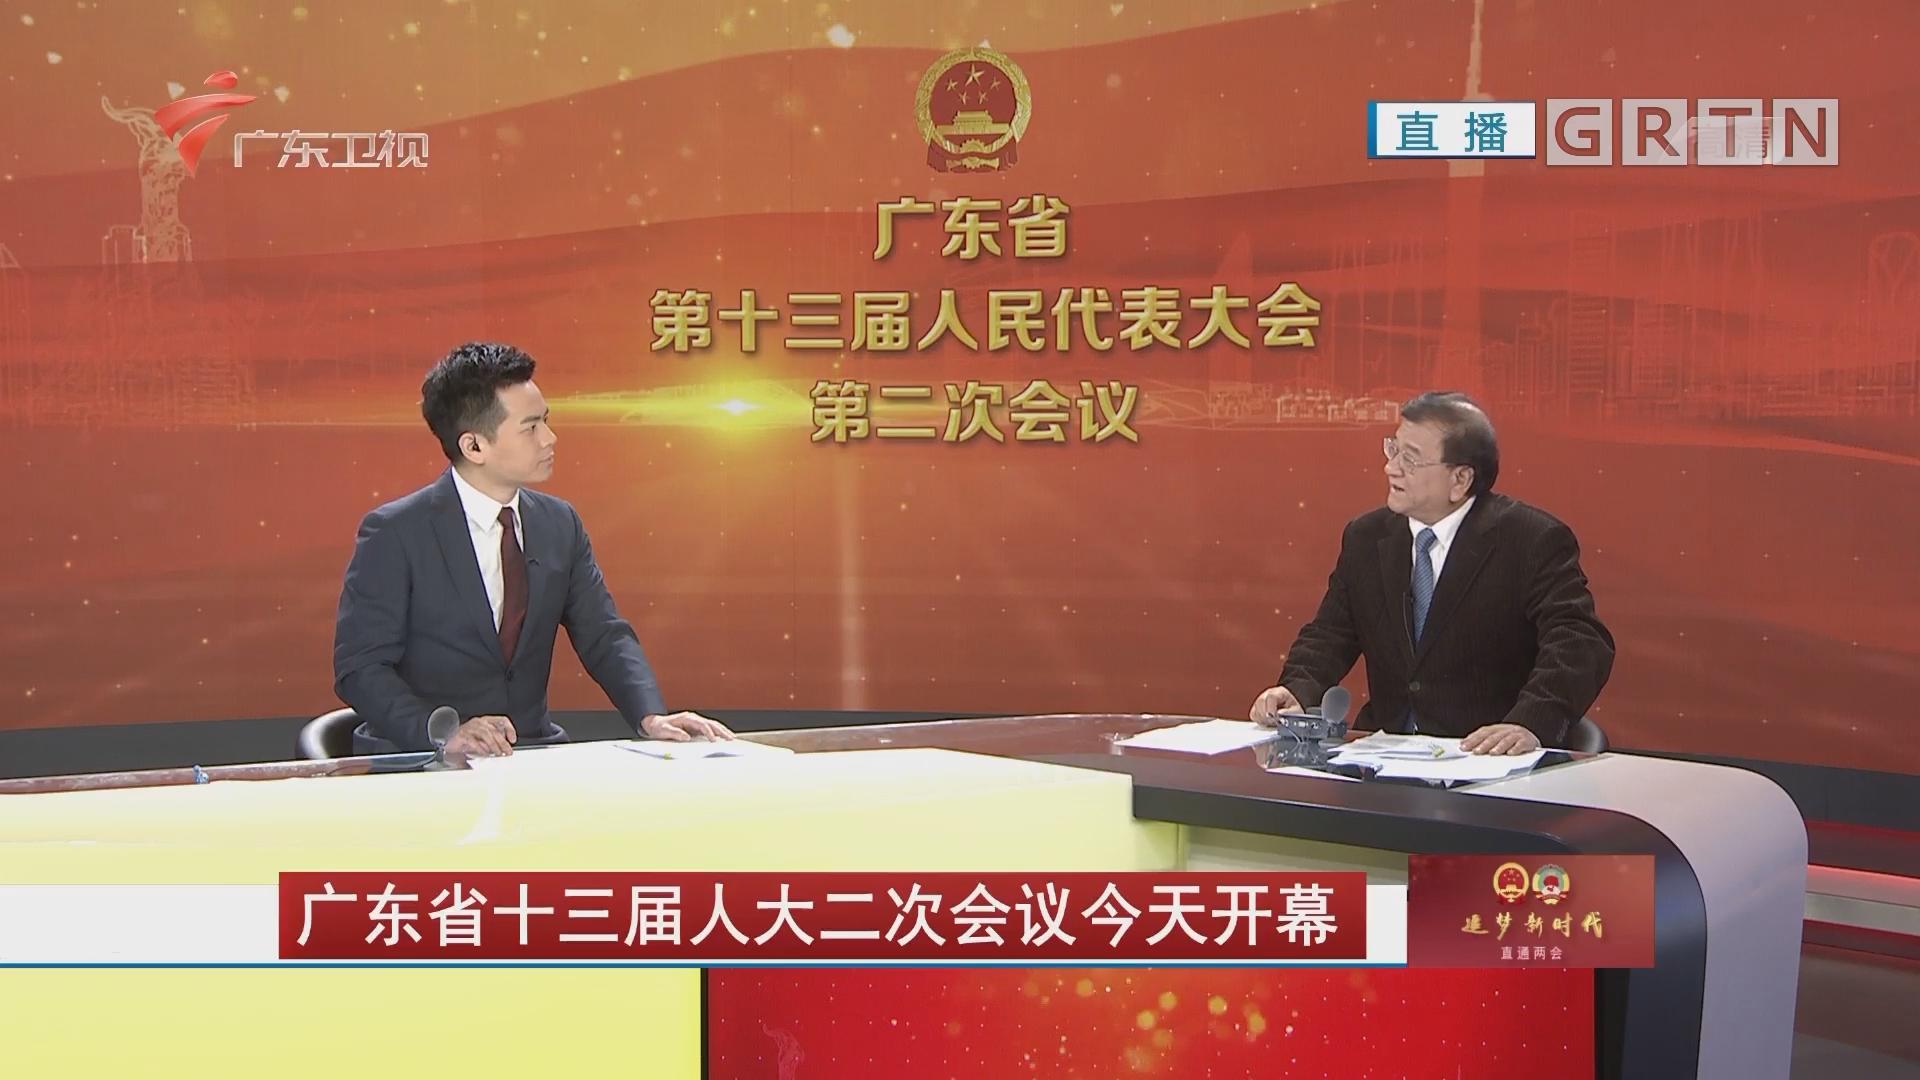 广东省十三届人大二次会议今天开幕